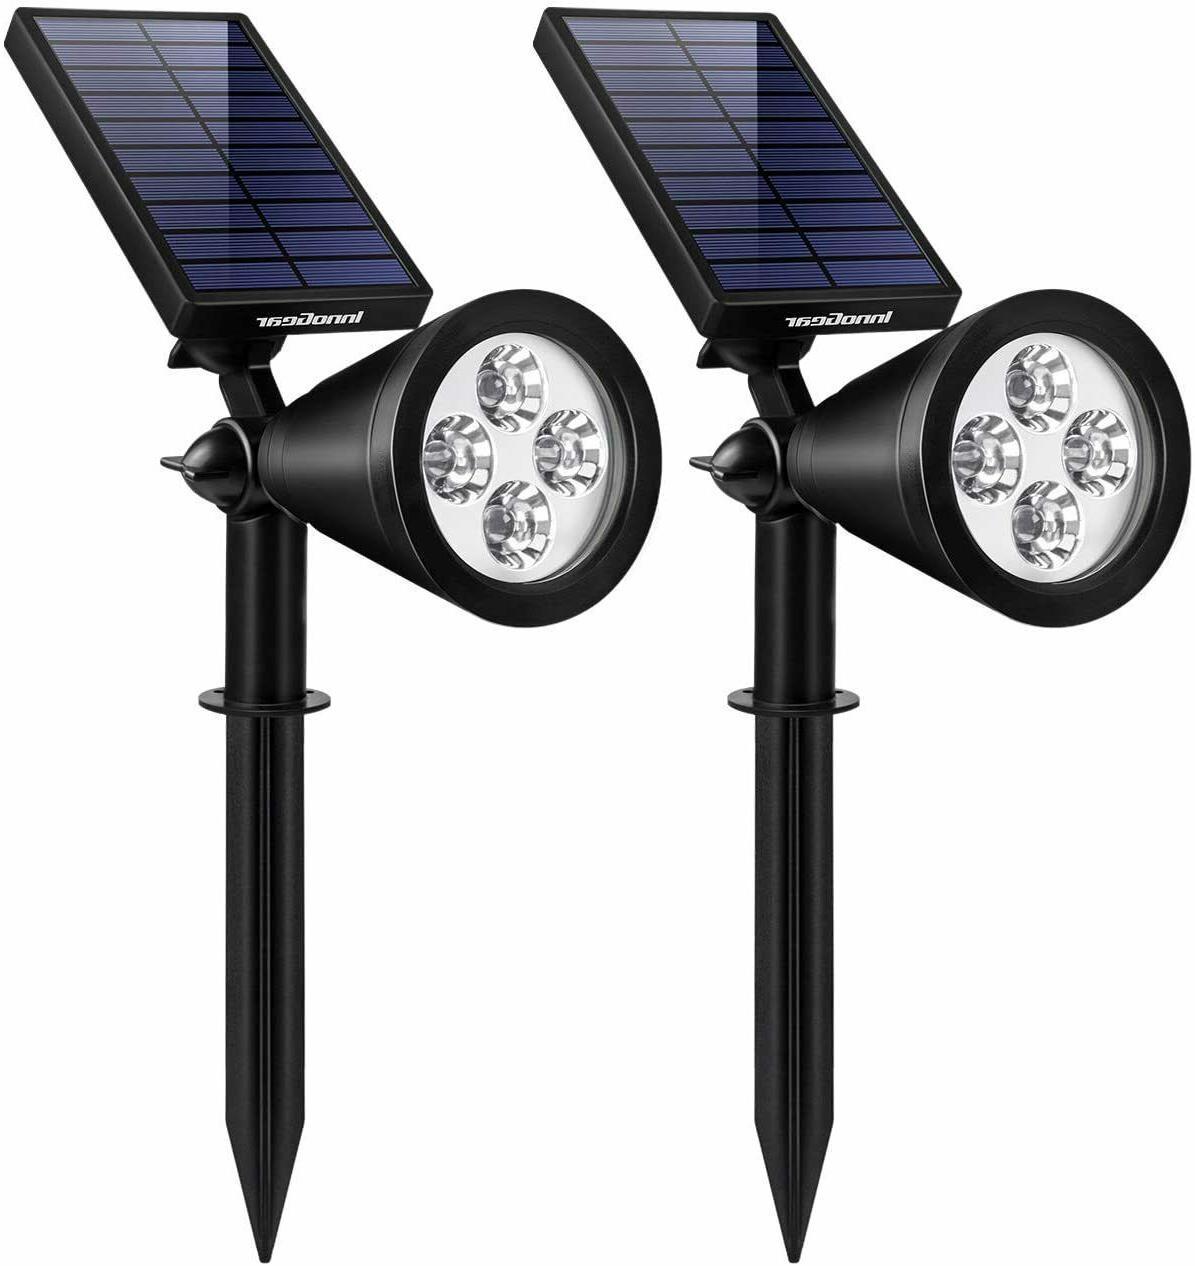 solar lights spotlights garden 2 in 1